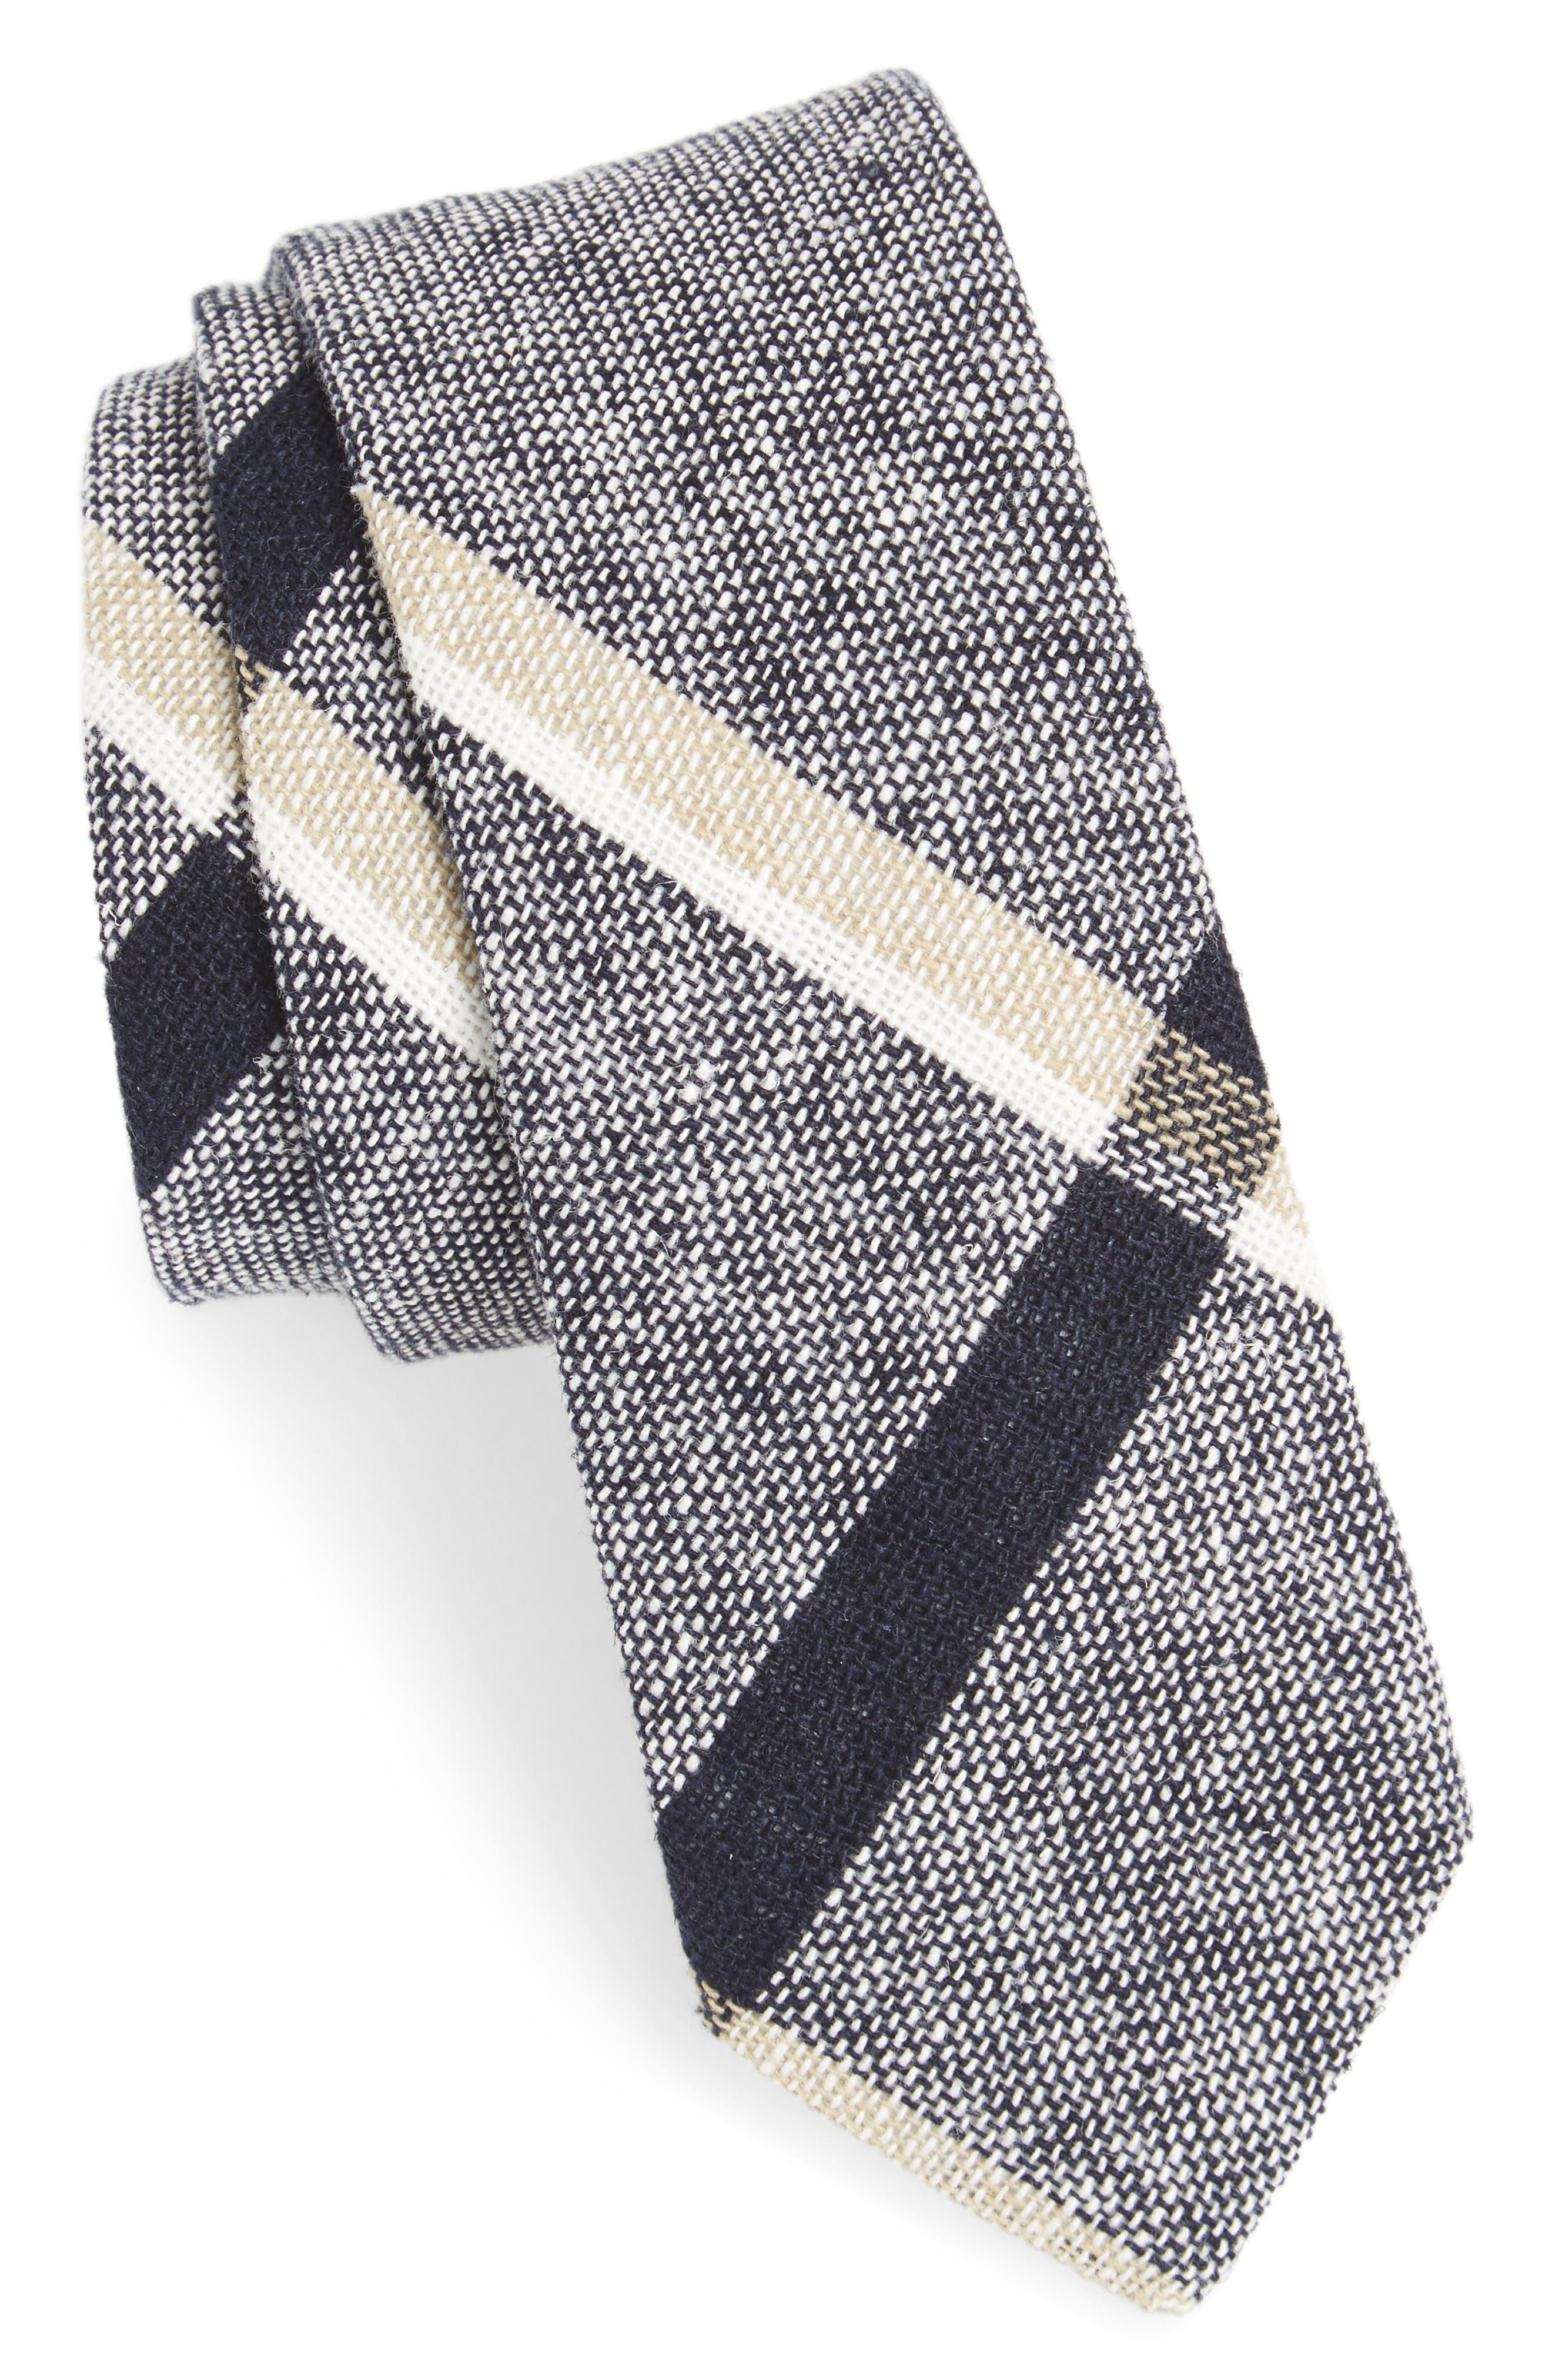 Newport Check Tie,                         Main,                         color, Navy